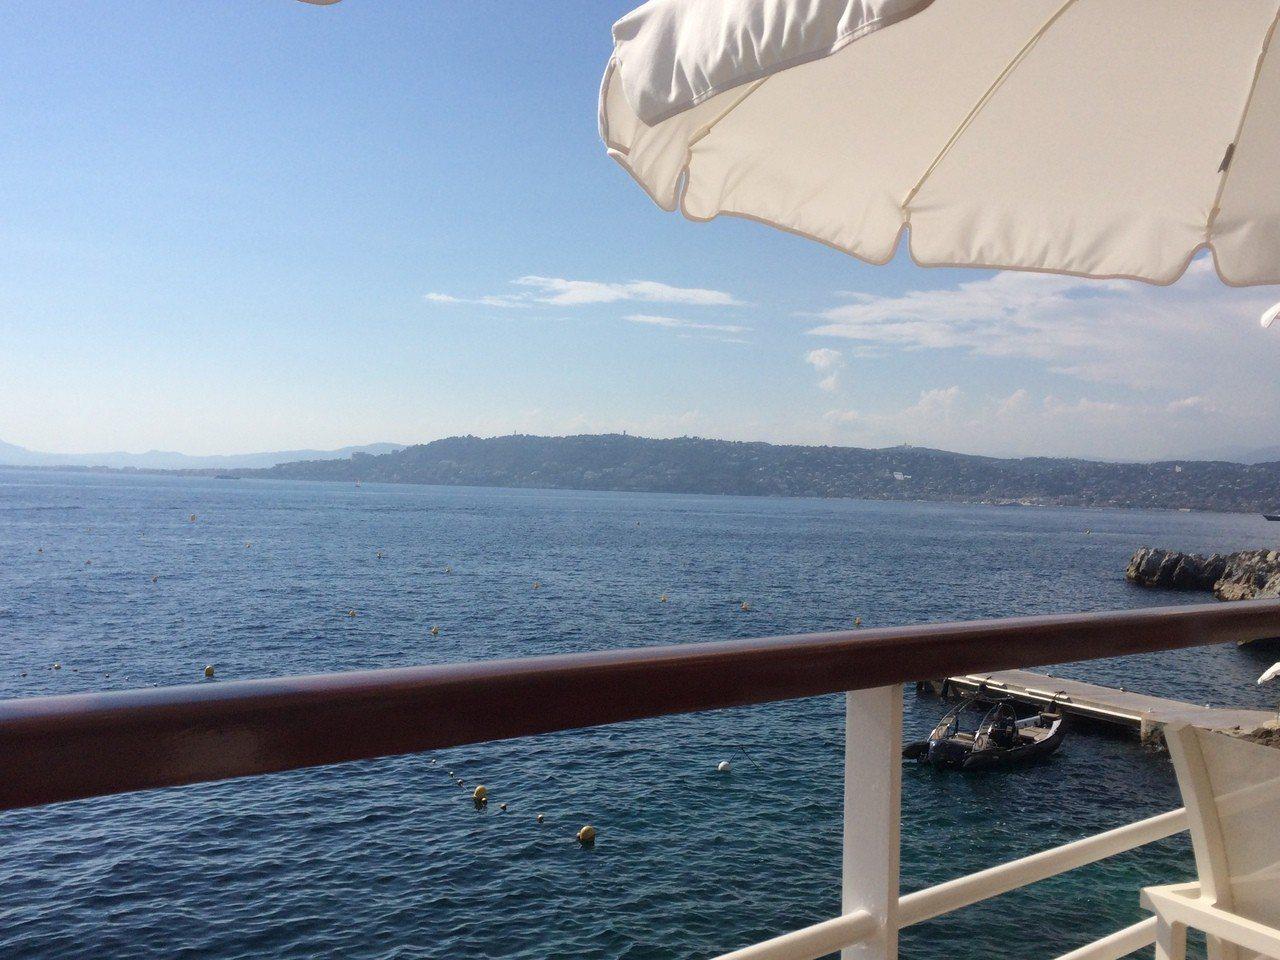 蔚藍海岸French Riviera景致。圖/agnès b. 提供